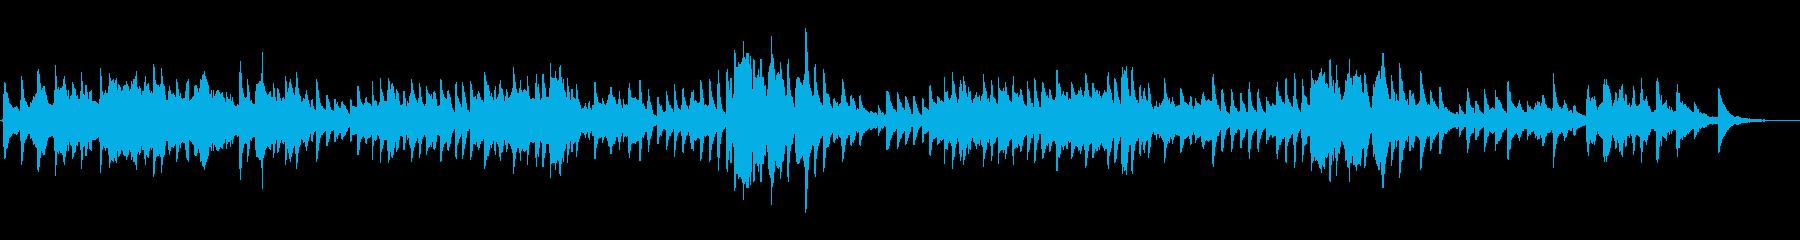 カッチーニ「アマリッリ」/バイオリン生演の再生済みの波形